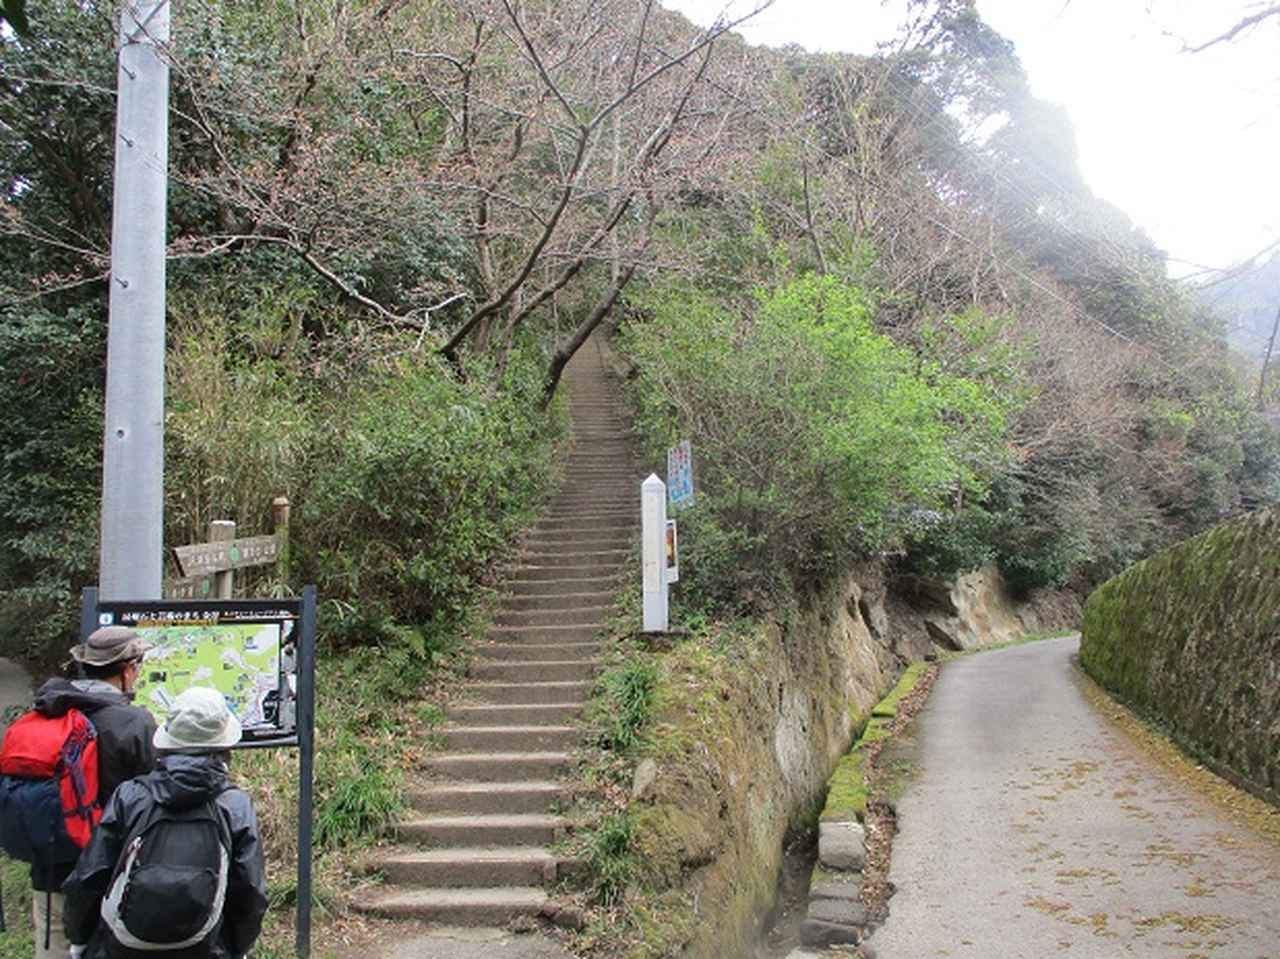 画像1: 3月23日に山旅会 「東京湾フェリーで行く鋸山」 ツアーに行ってきました!